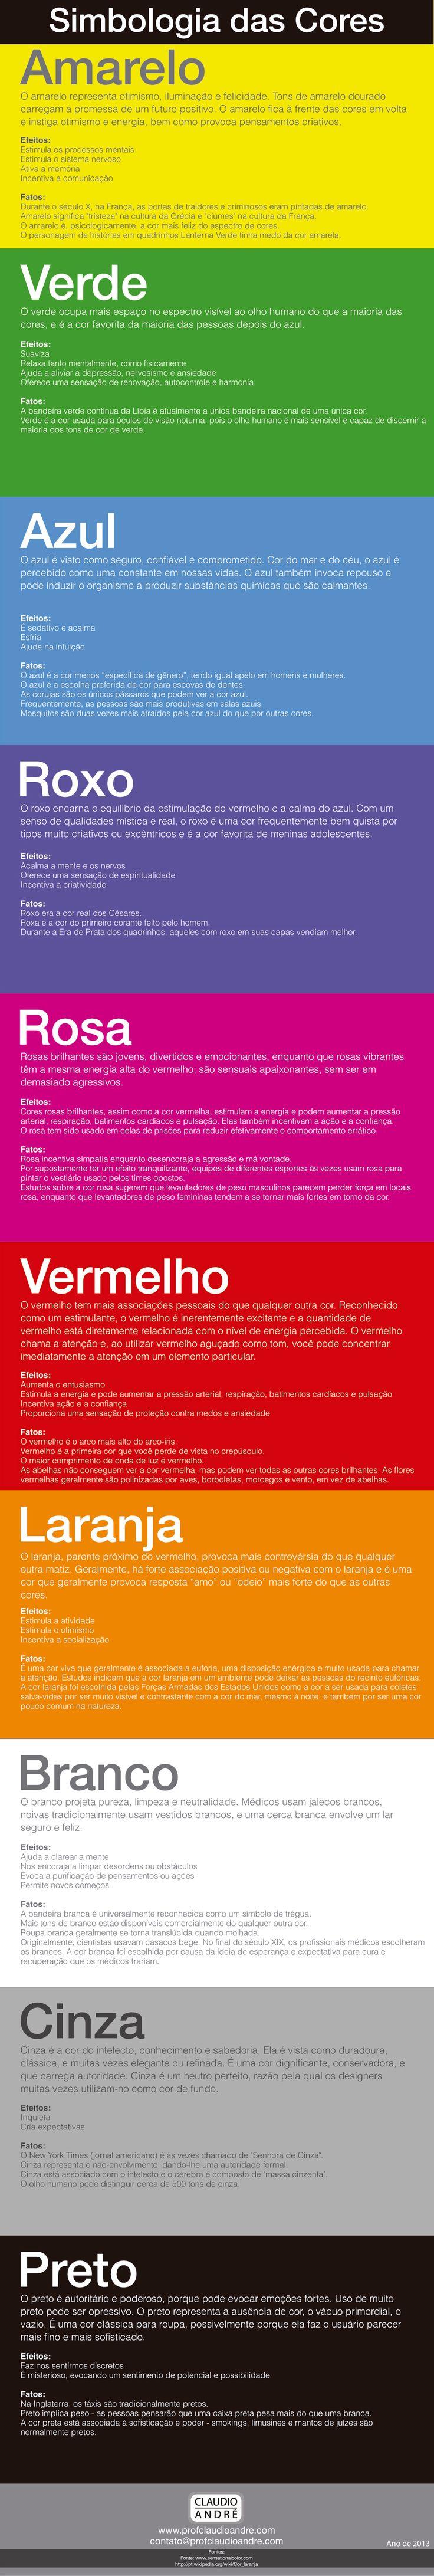 Saber utilizar as cores na comunicação é uma arte. Veja algumas dicas e sugestões para melhorar suas produções.